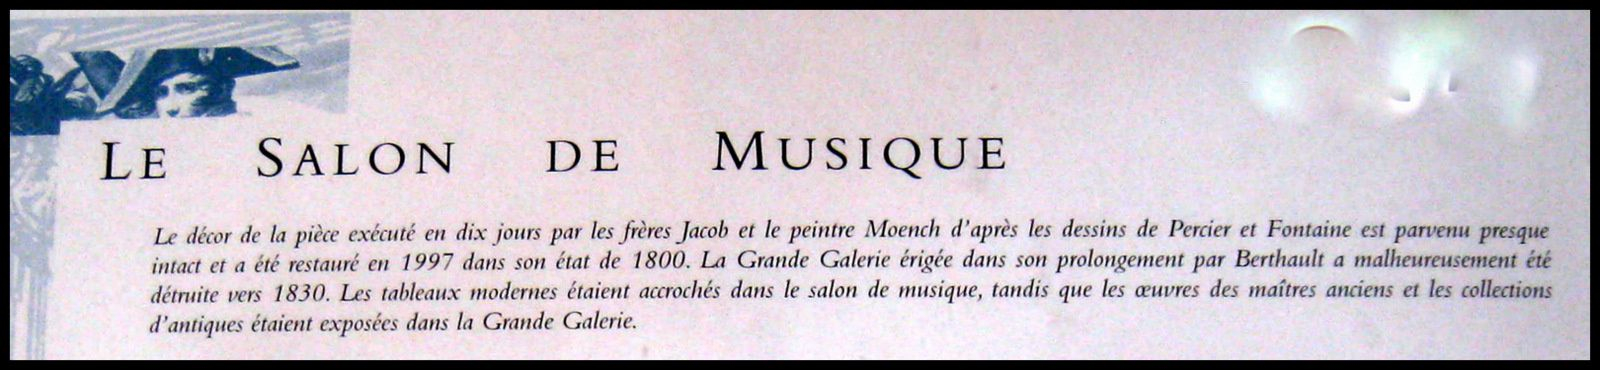 Salon de musique du château de Malmaison, candélabres